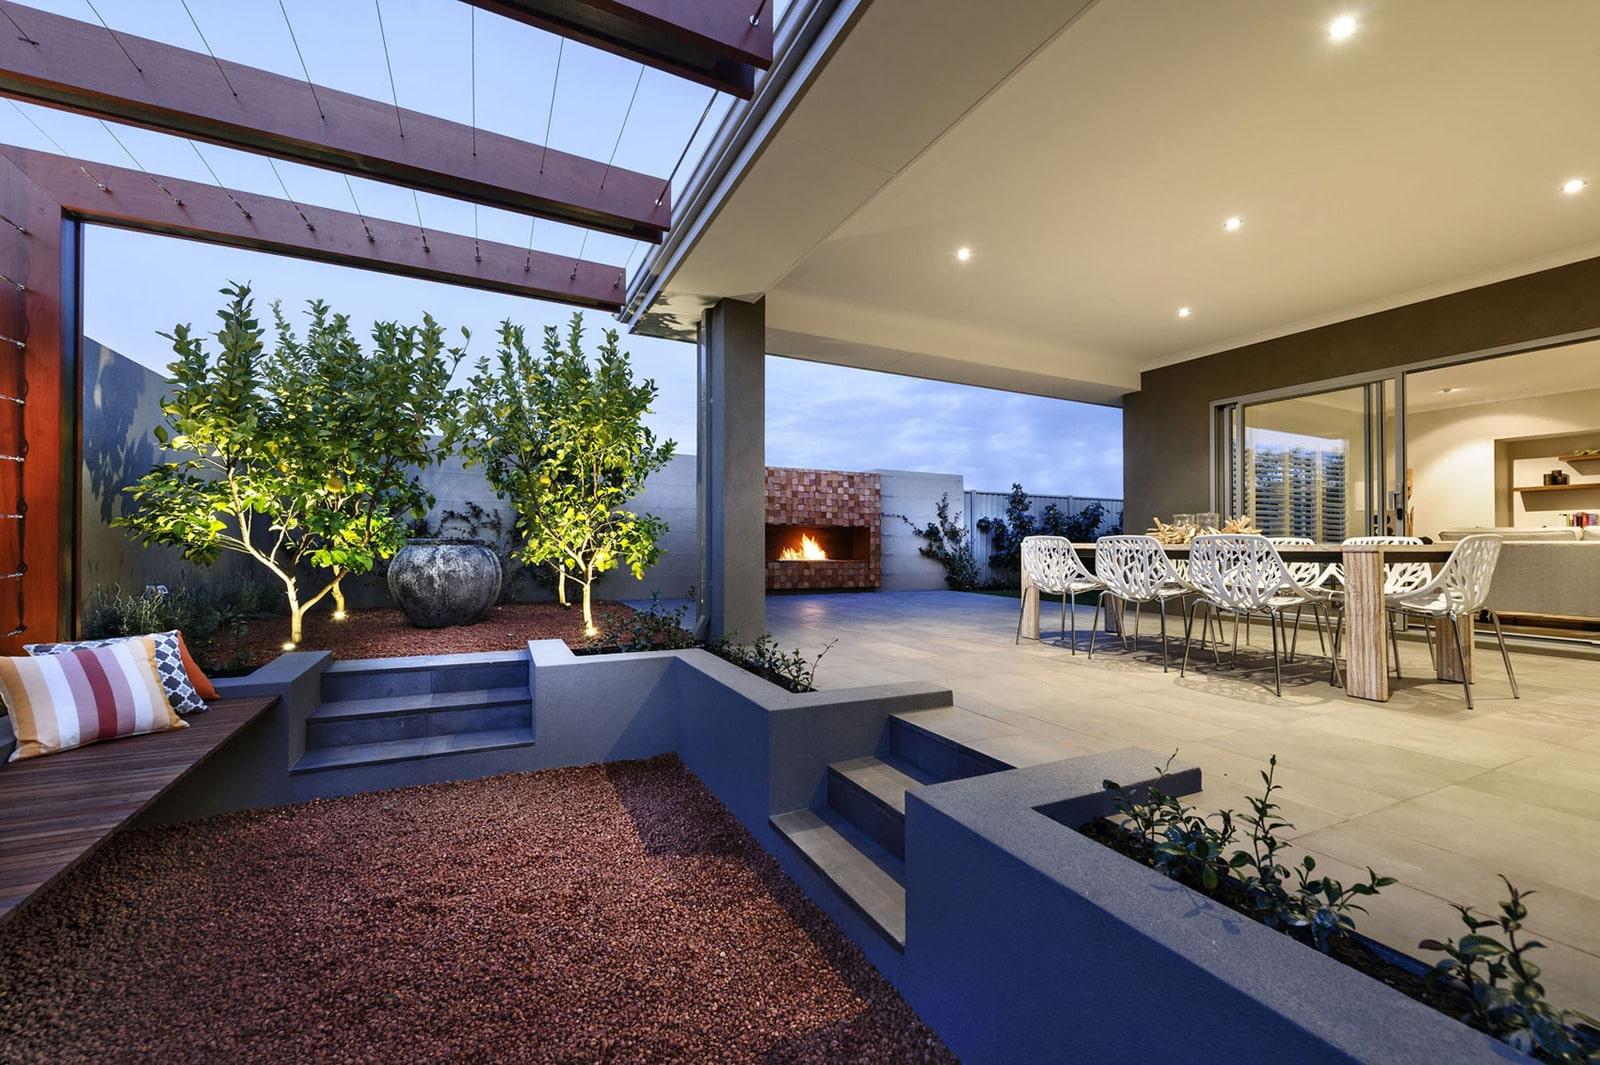 Dise o de casa moderna de dos pisos fachada e interiores - Diseno de terraza ...